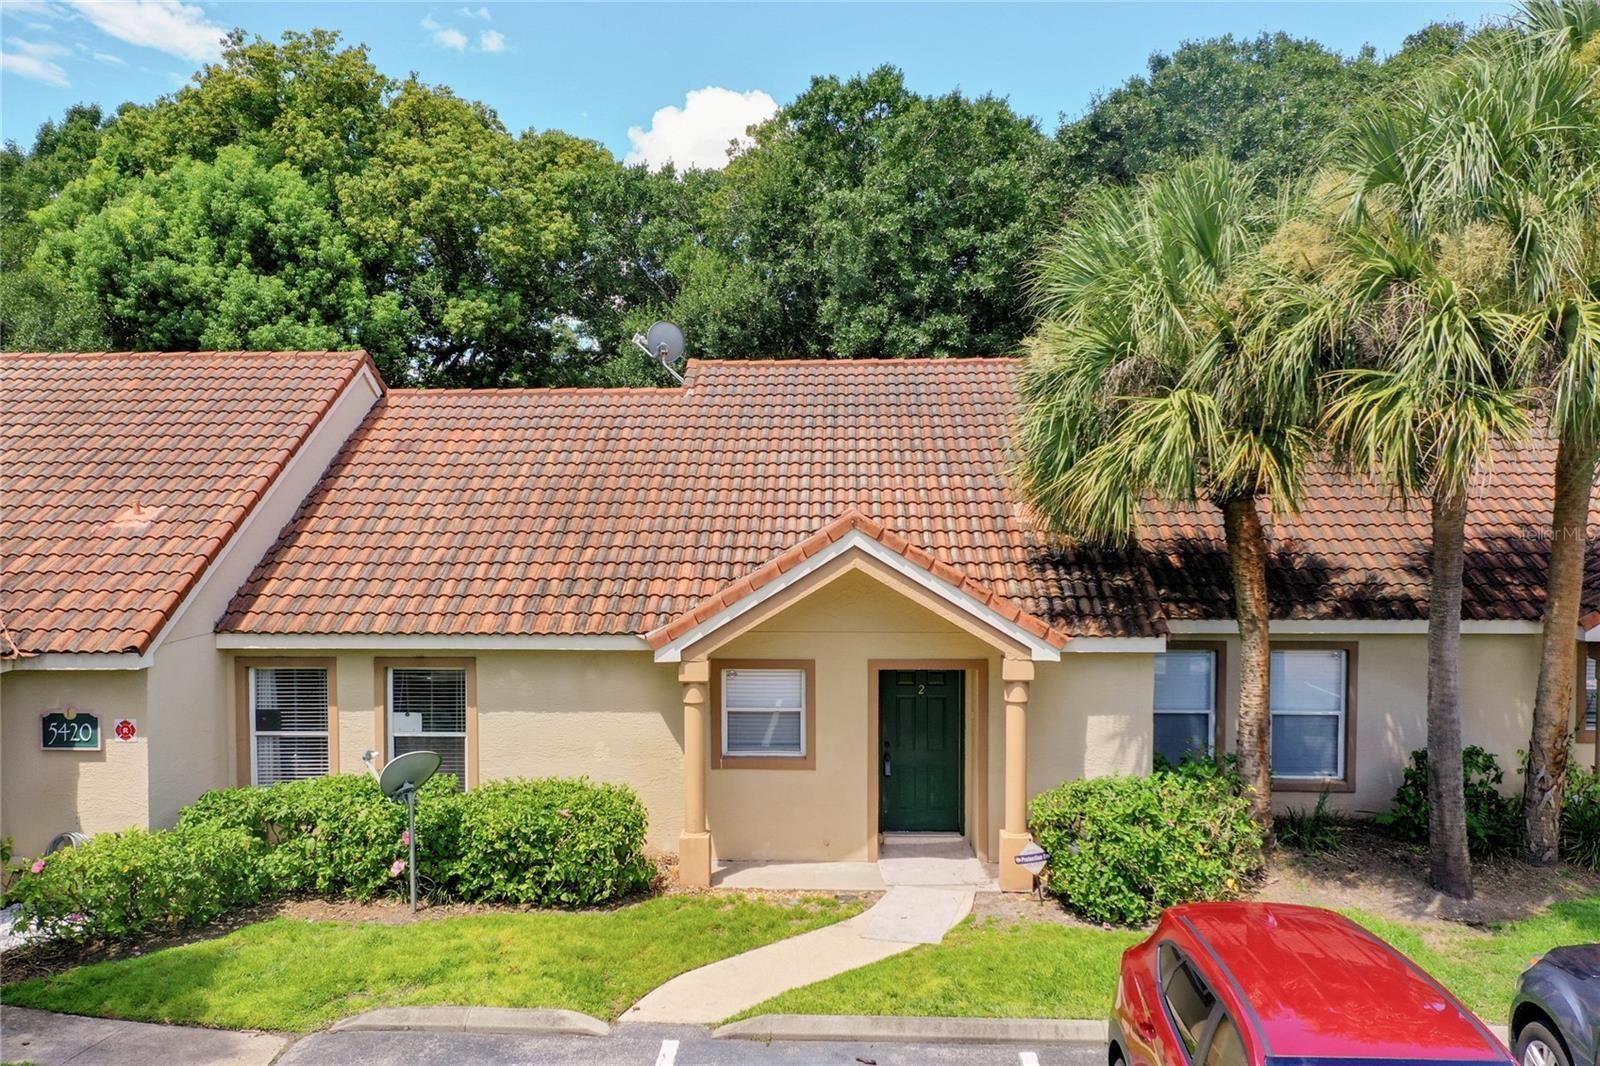 5420 E MICHIGAN STREET #2, Orlando, FL 32812 - #: O5966155